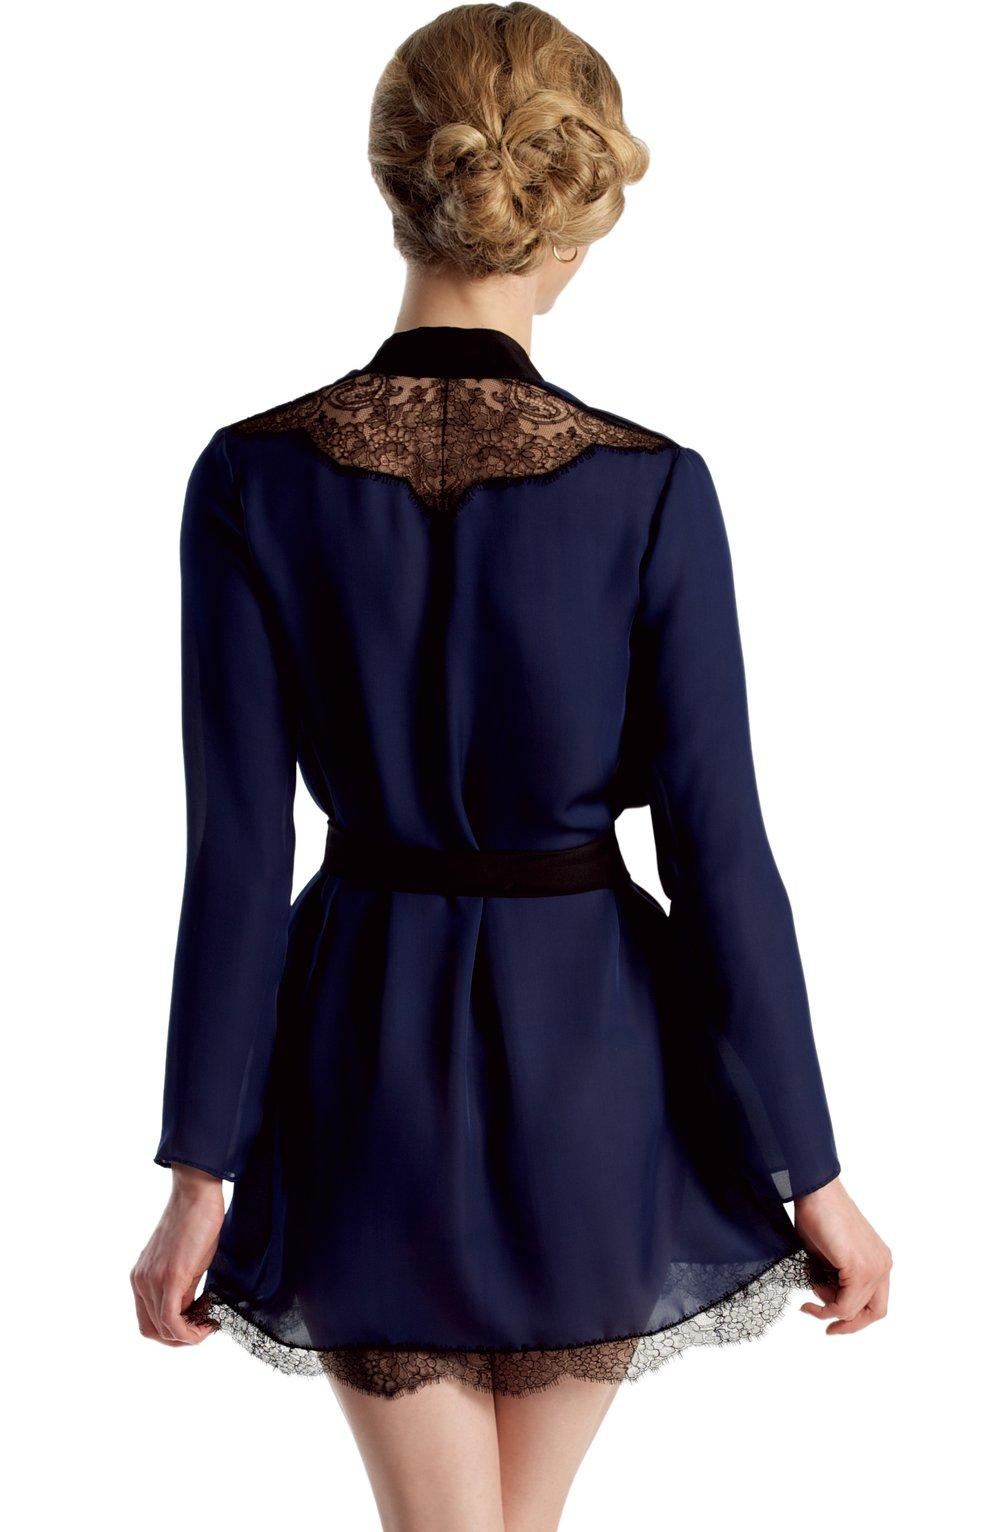 Iris robe - $330